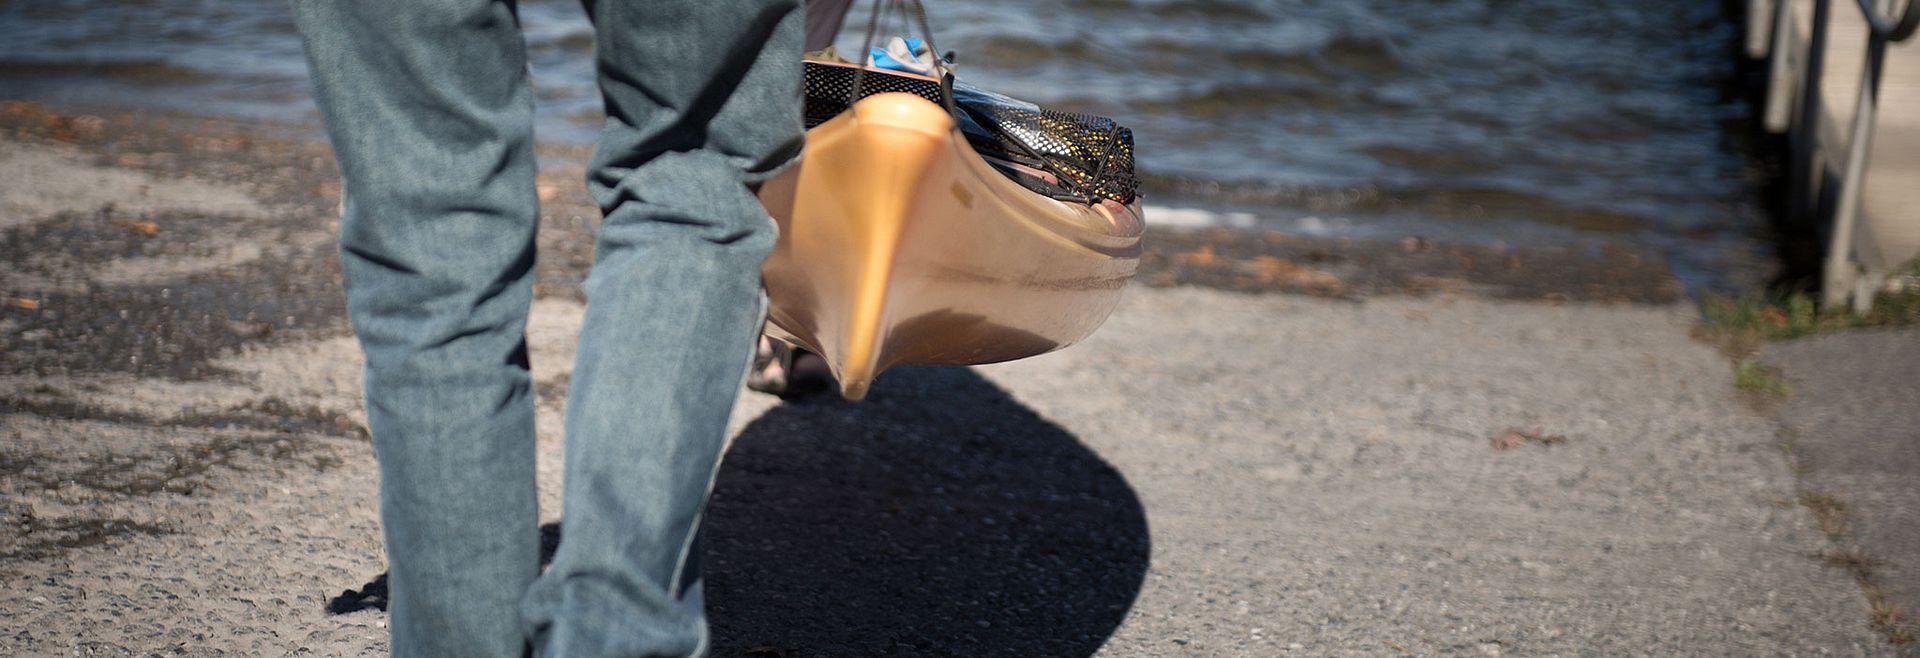 Couple taking a kayak on the lake